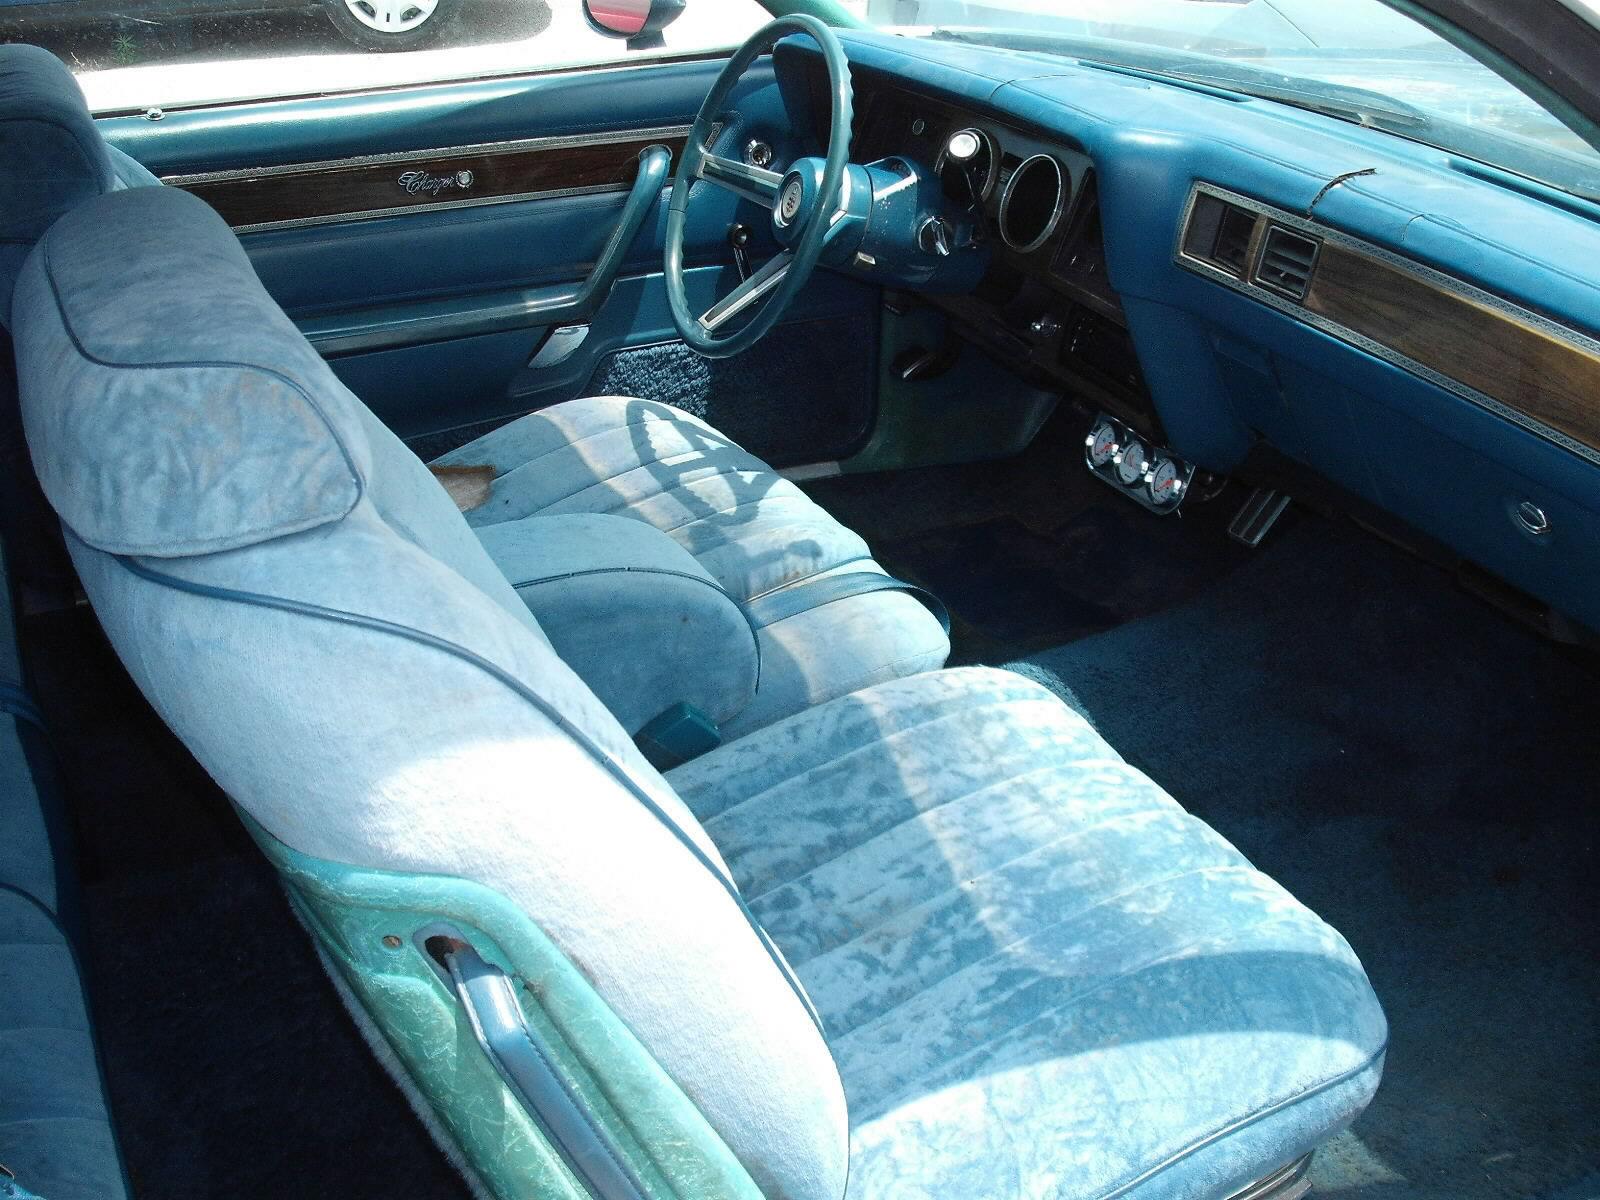 1976 Dodge Charger Daytona 2 Door